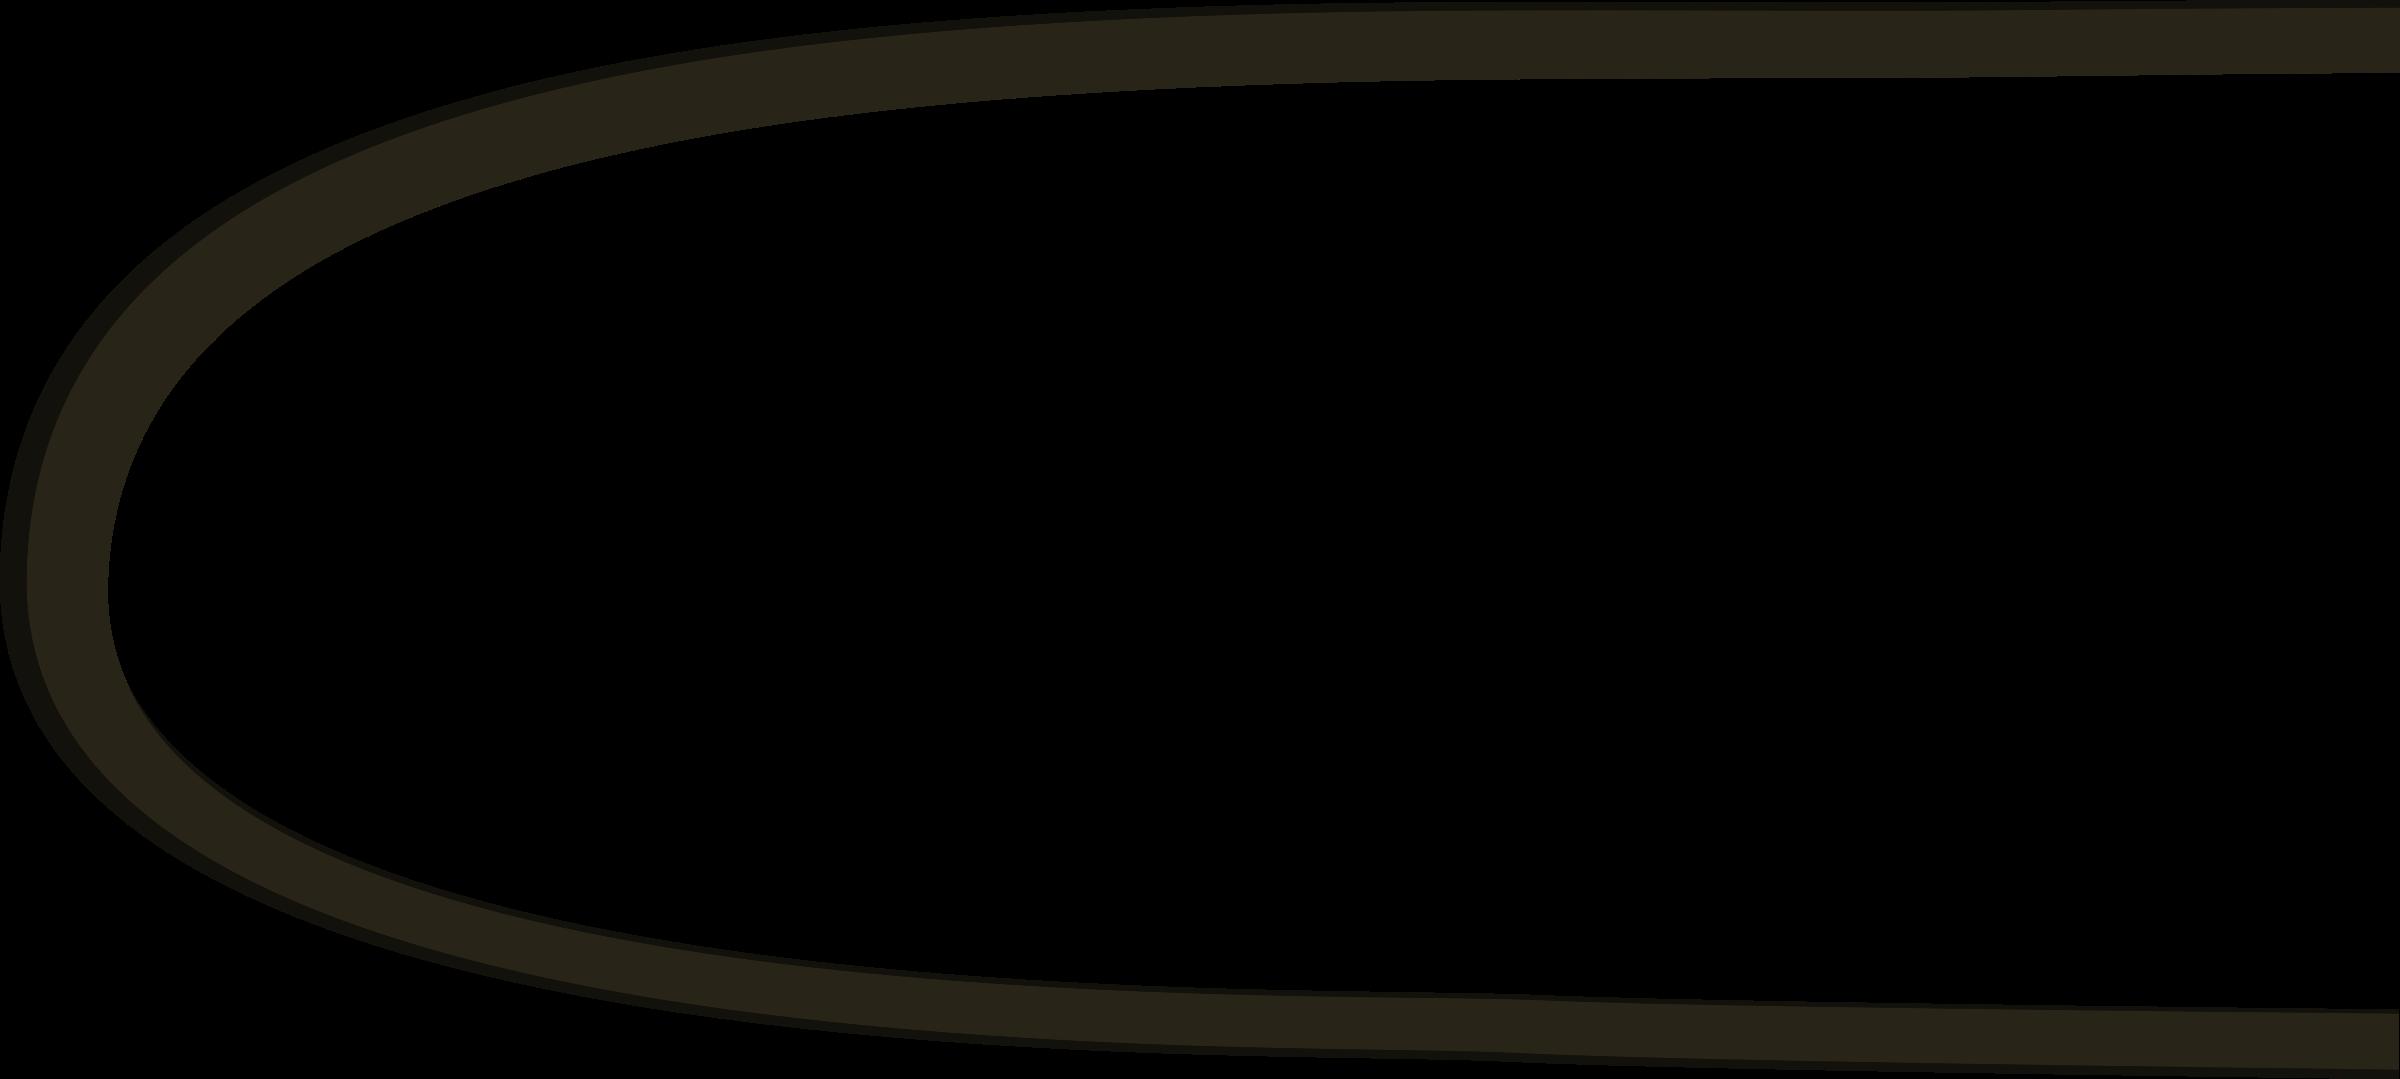 Glitch clipart frame #2